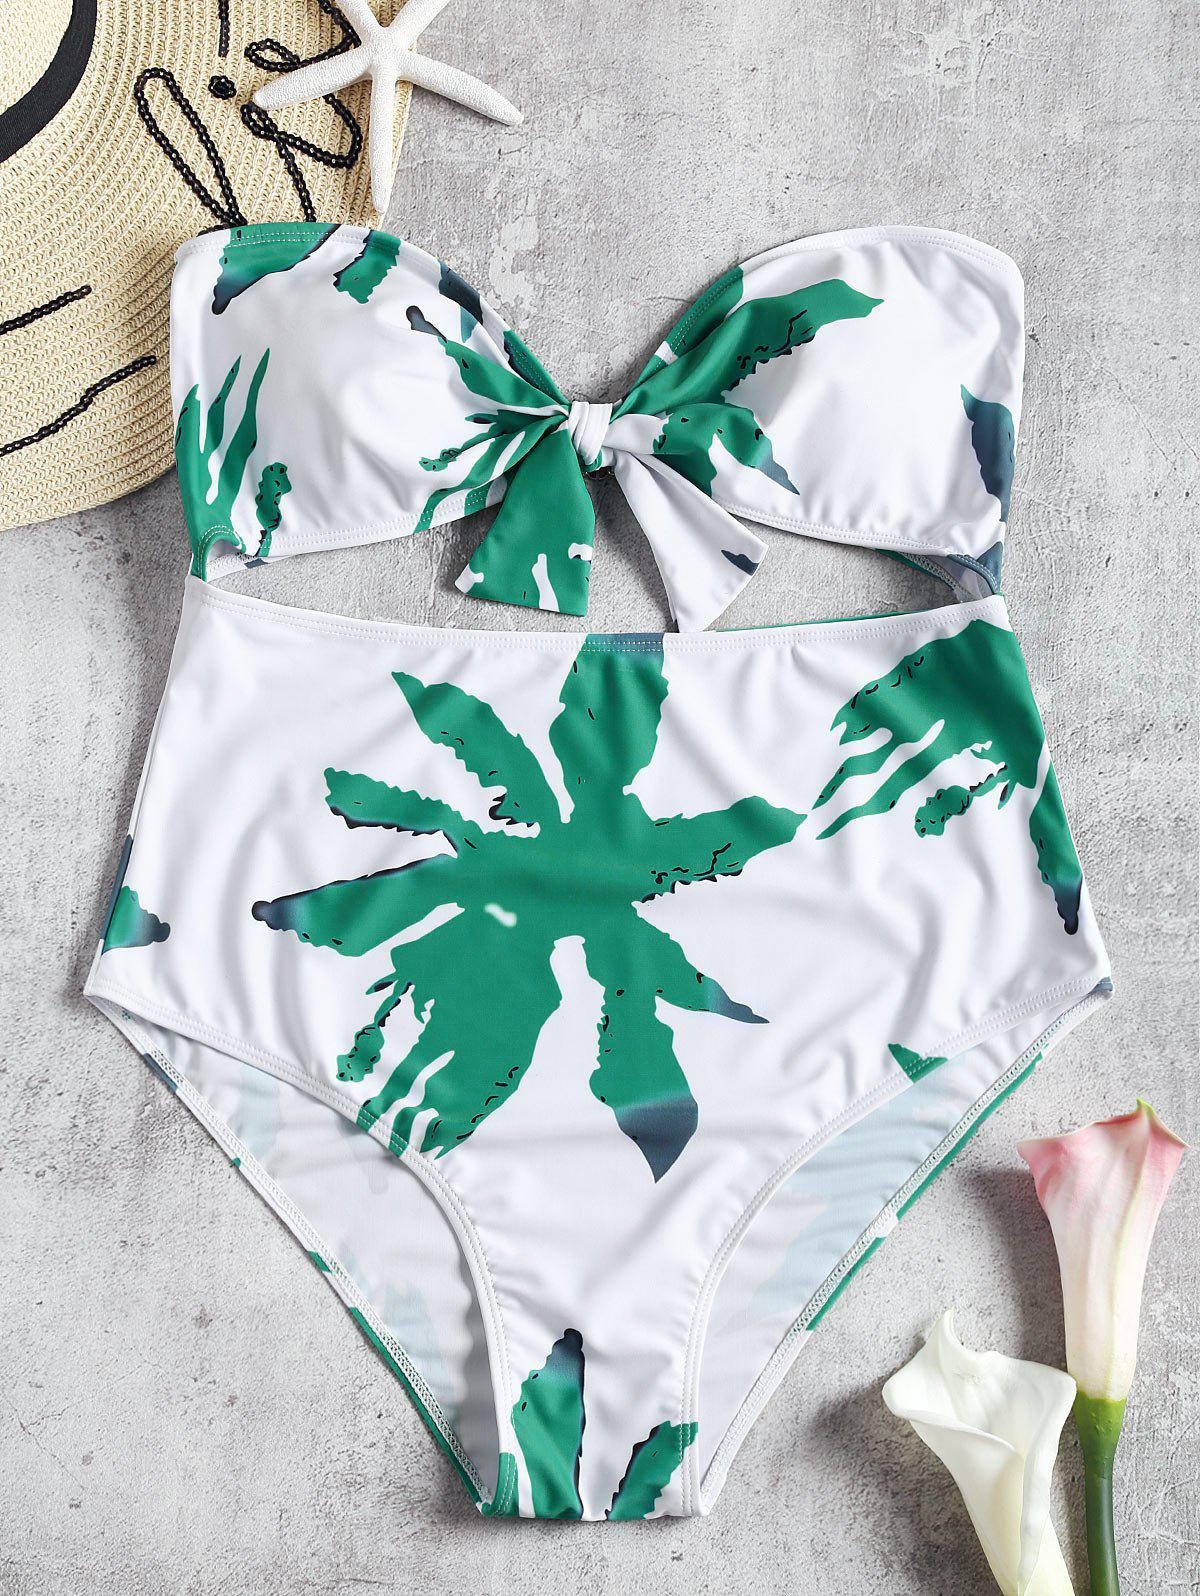 Bandeau Bow Cut Out Leaf Plus Size Swimsuit 259105801